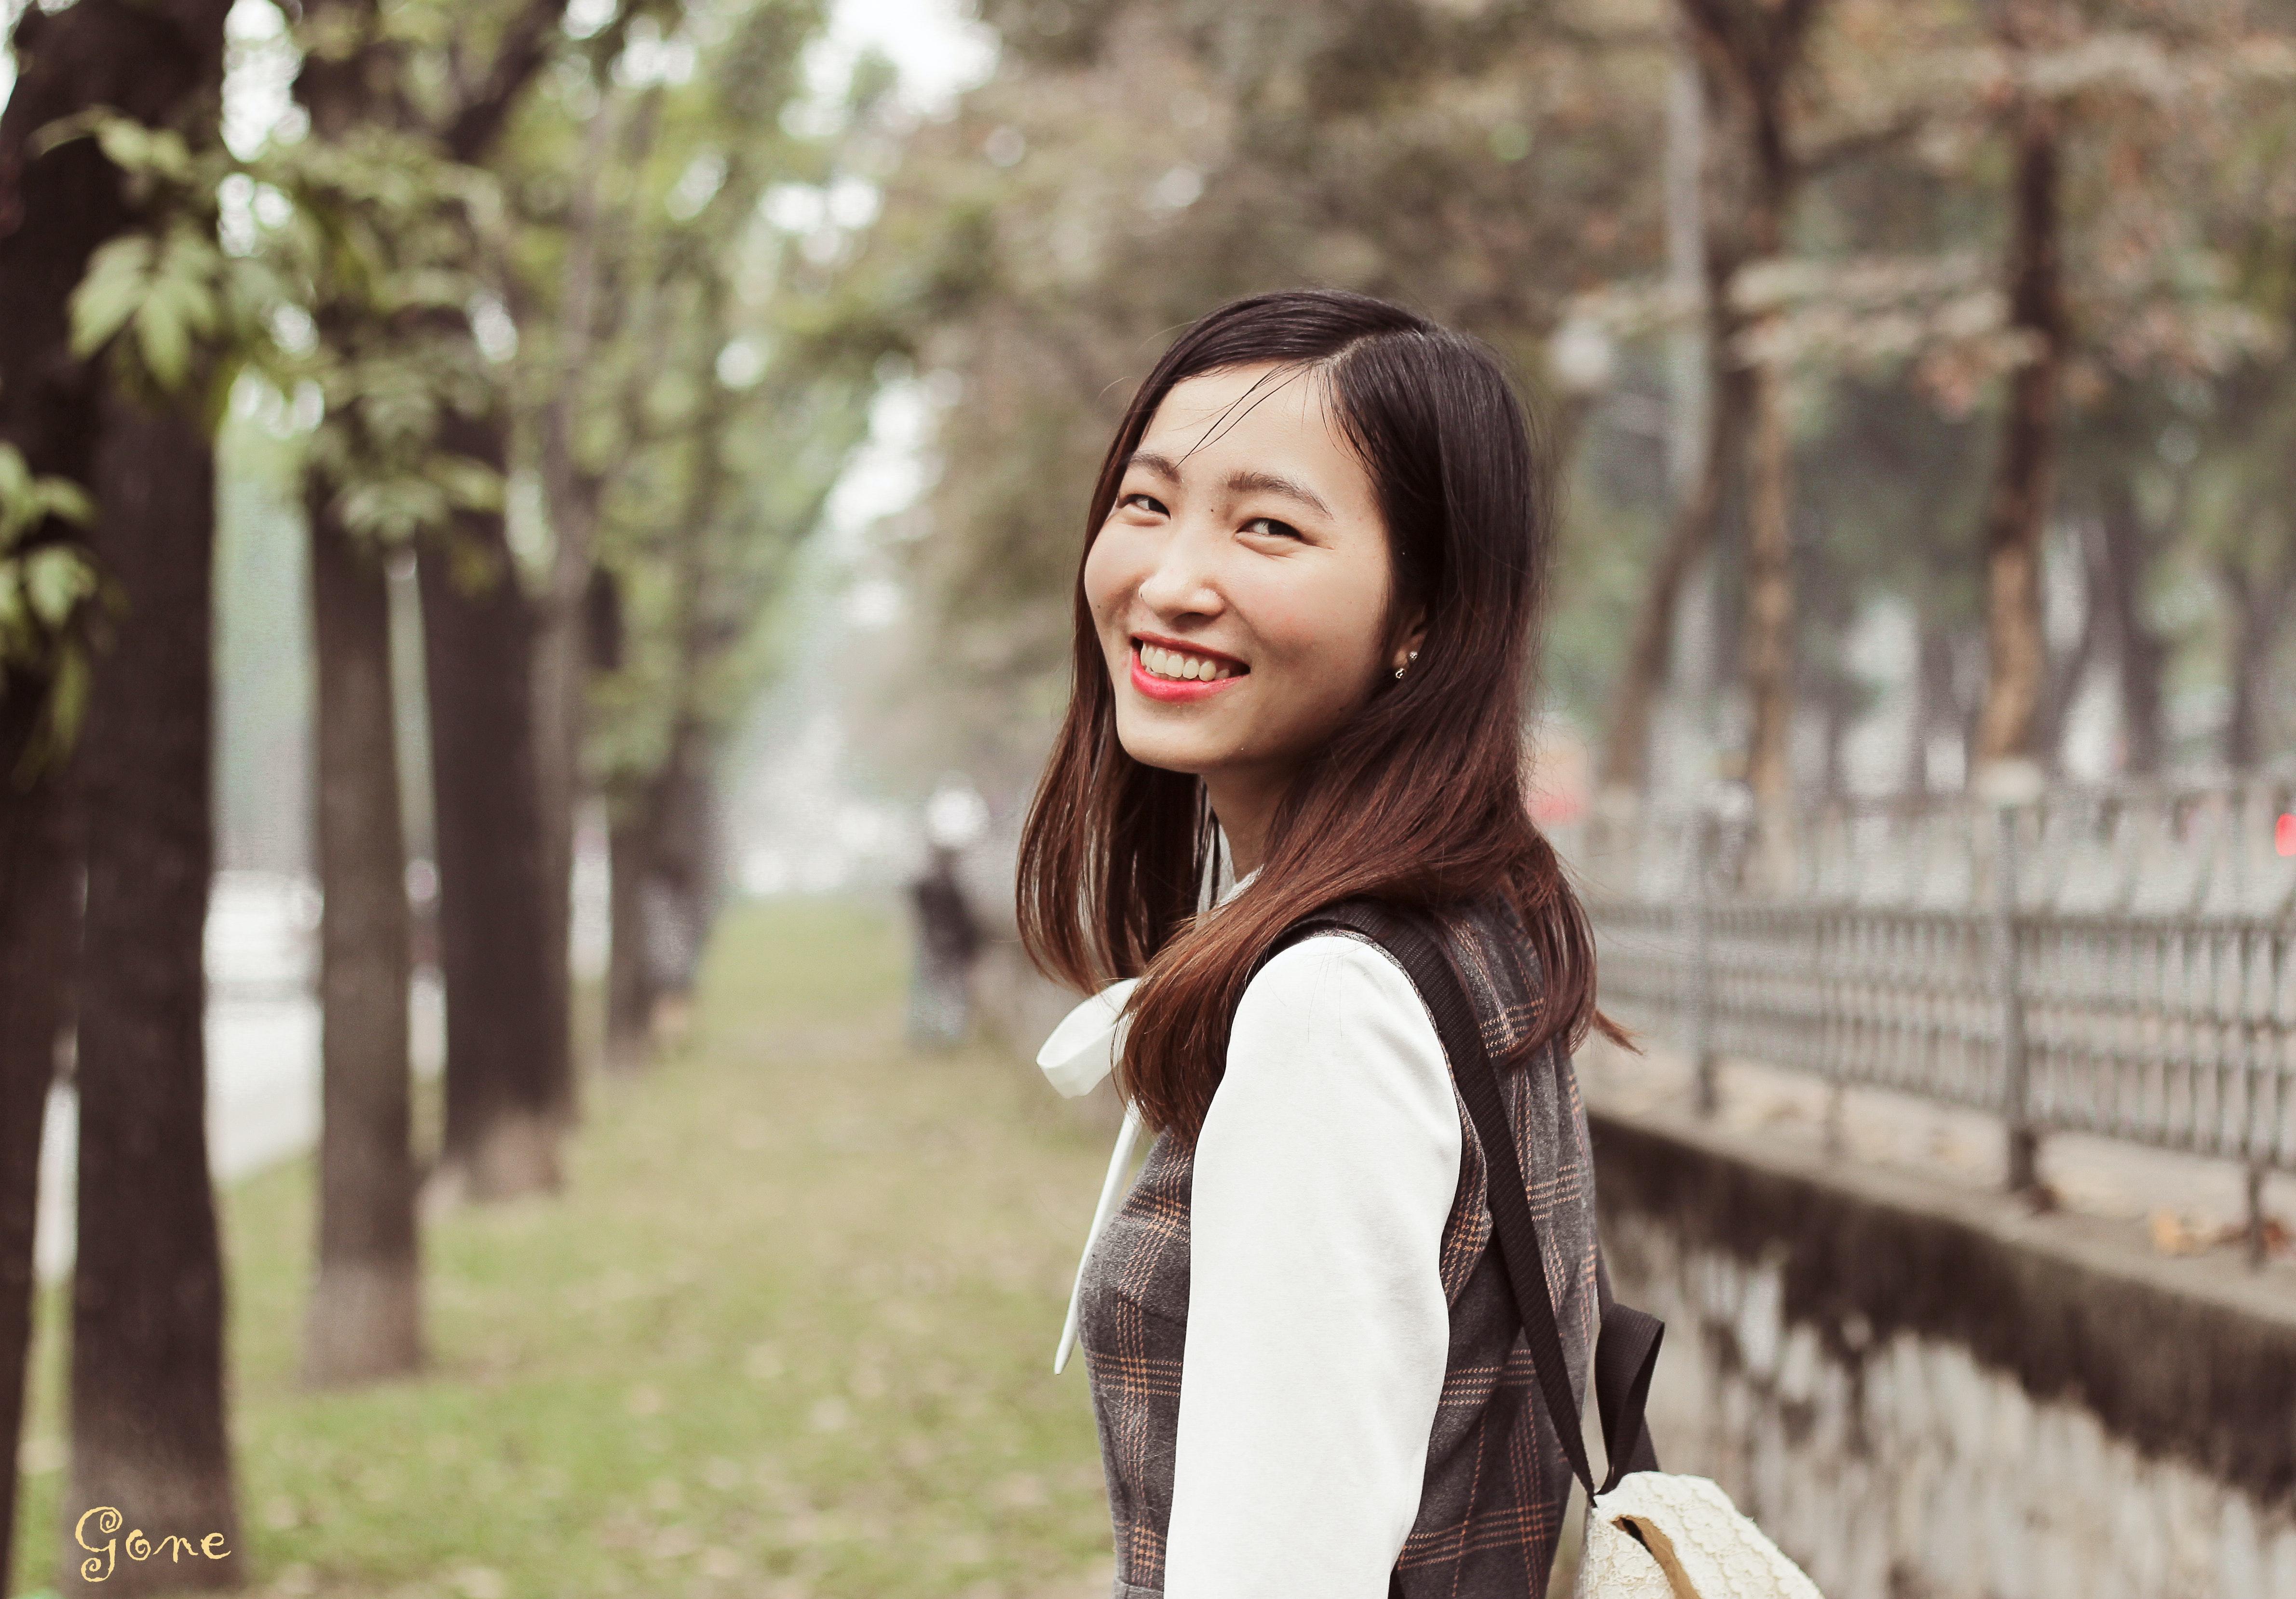 Sunny Le